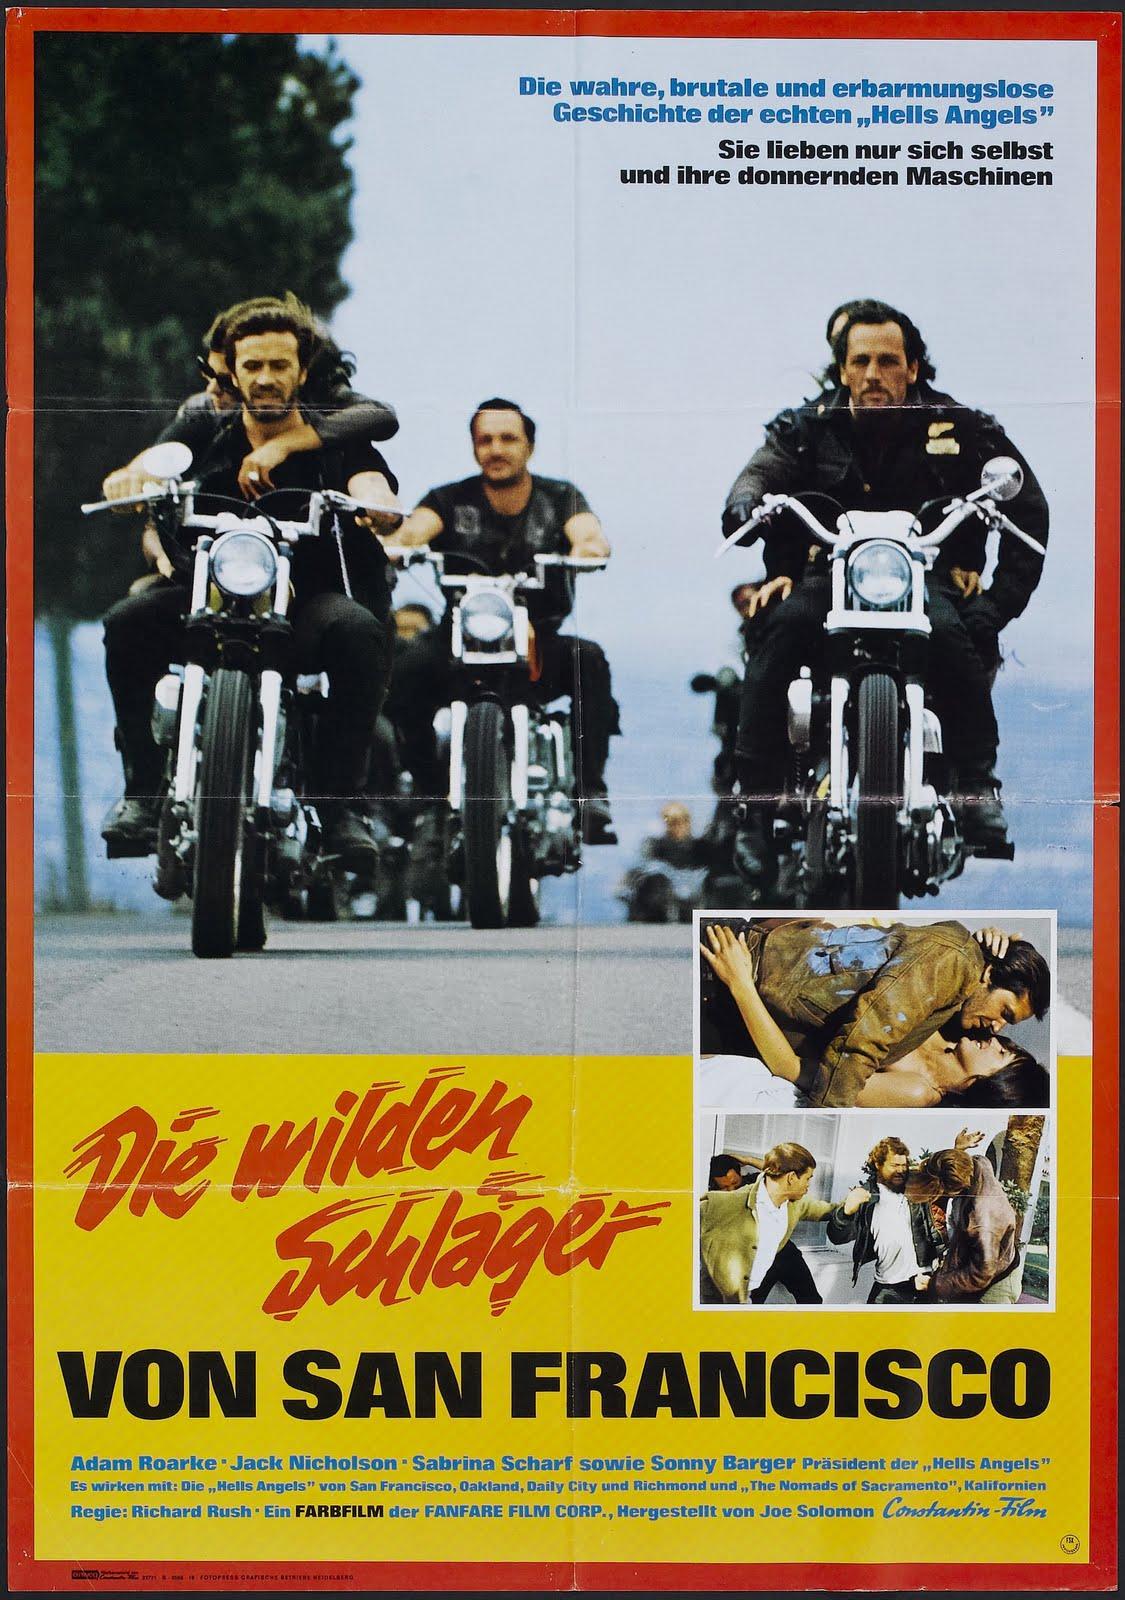 Nostalgia on Wheels: 1967 German Hells Angels on Wheels Movie Poster